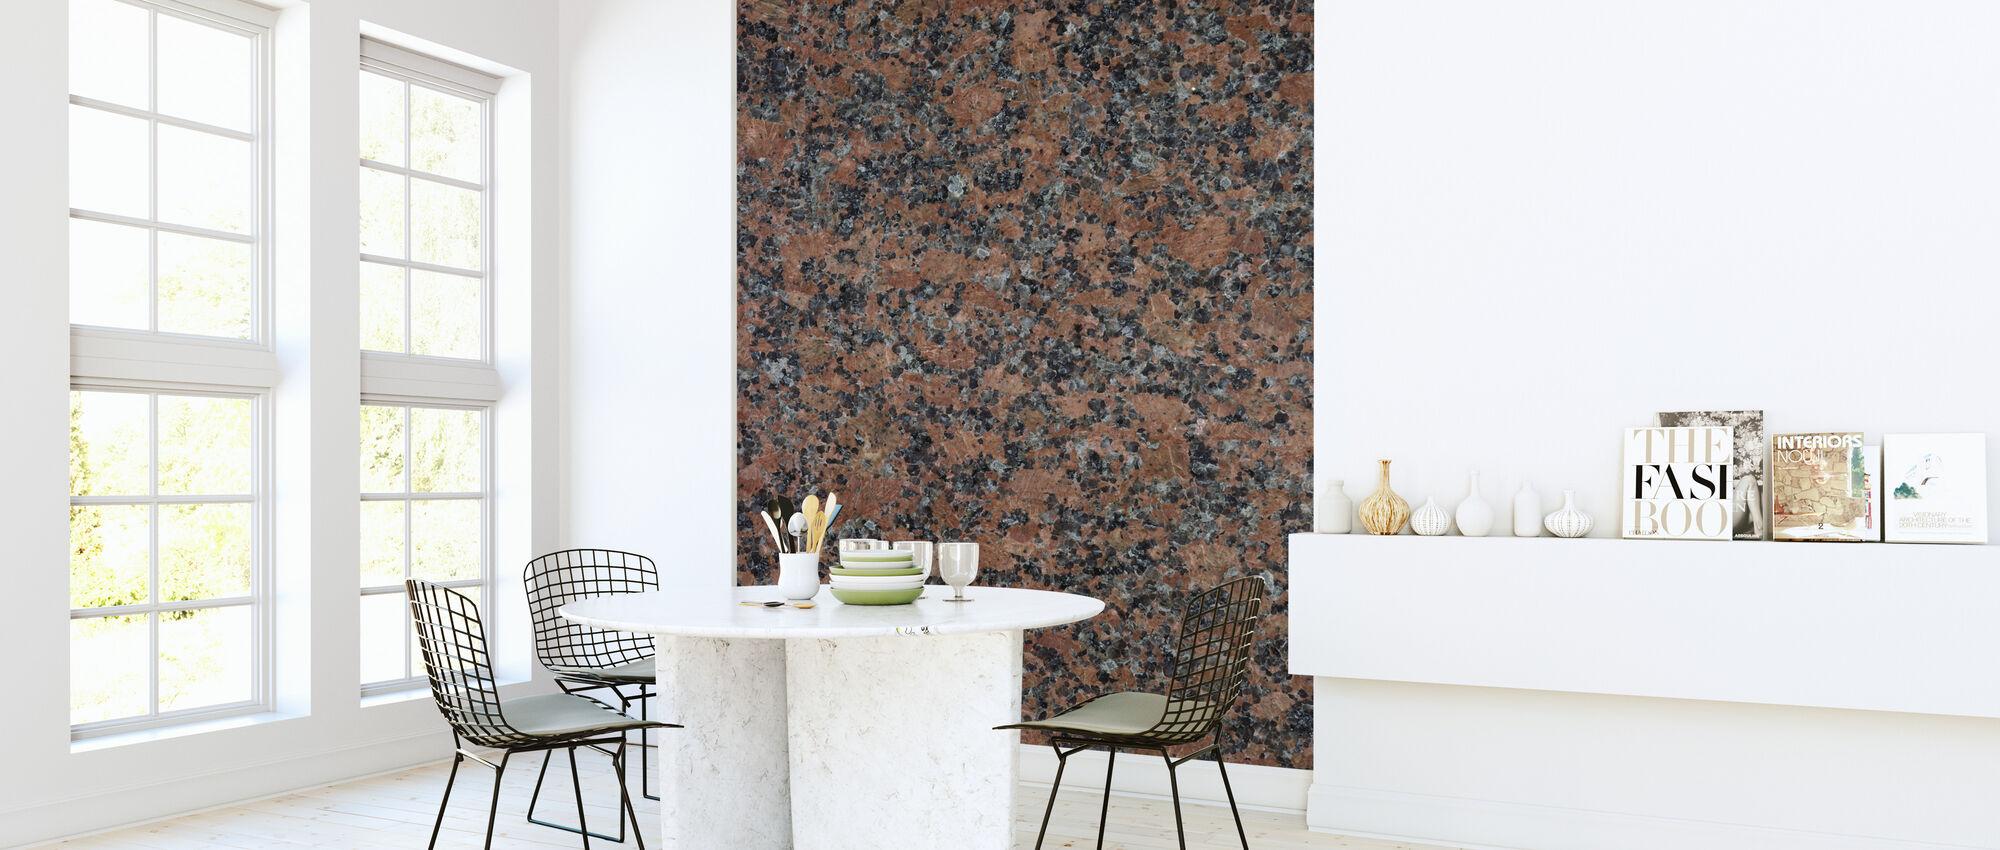 Sort og brun granit - Tapet - Kjøkken